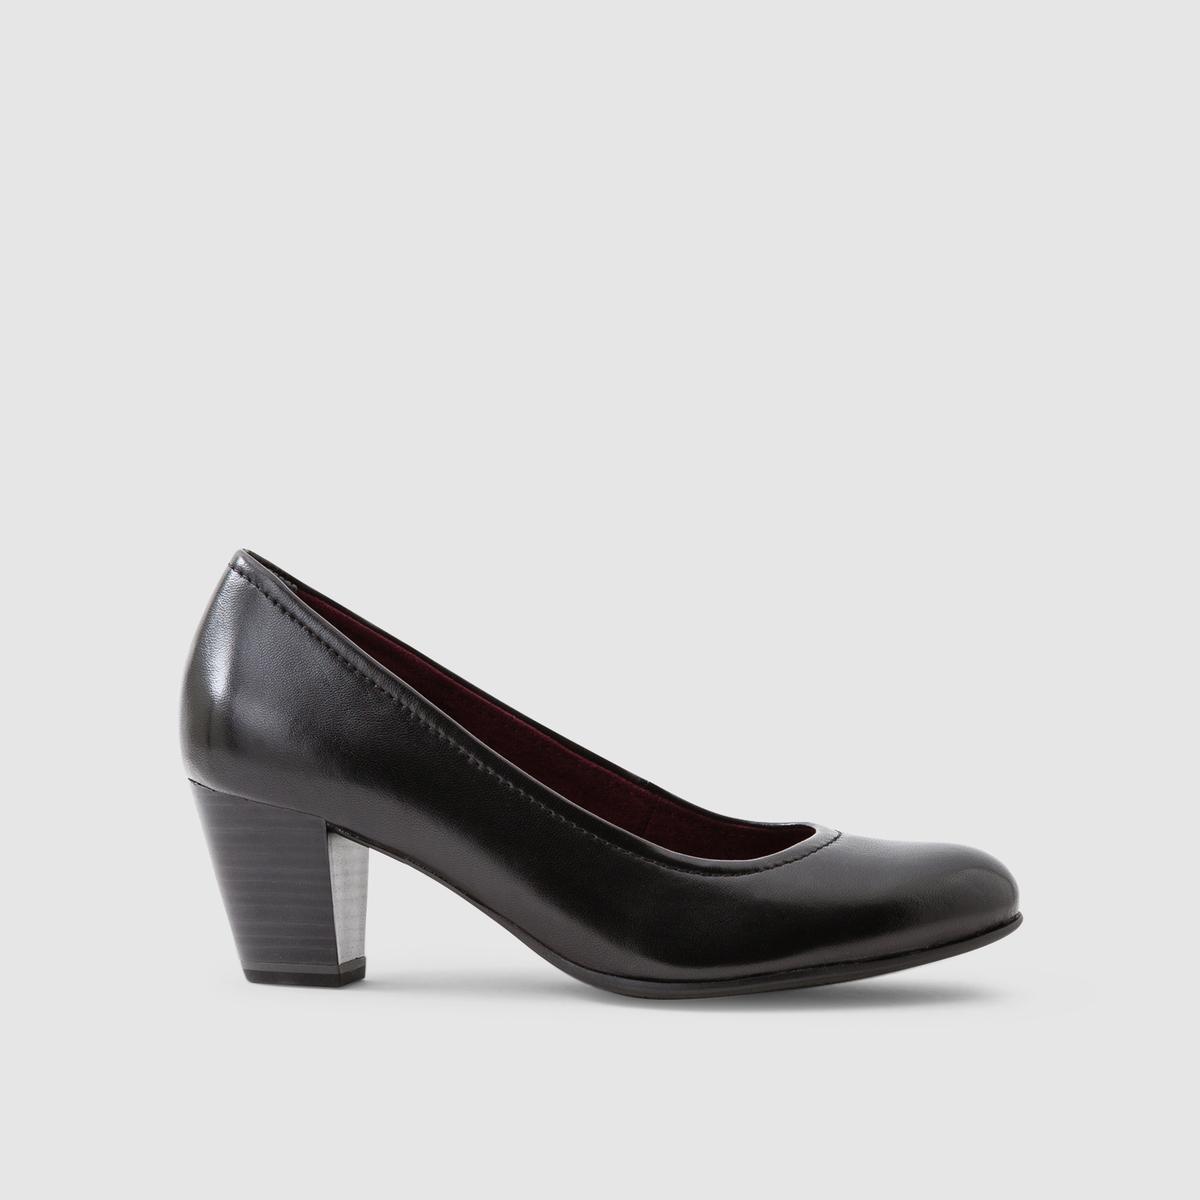 Туфли из гладкой кожиПодкладка : кожа и текстиль   Стелька : кожа   Подошва : синтетика   Высота каблука : 6 см   Марка : TAMARIS<br><br>Цвет: черный<br>Размер: 38